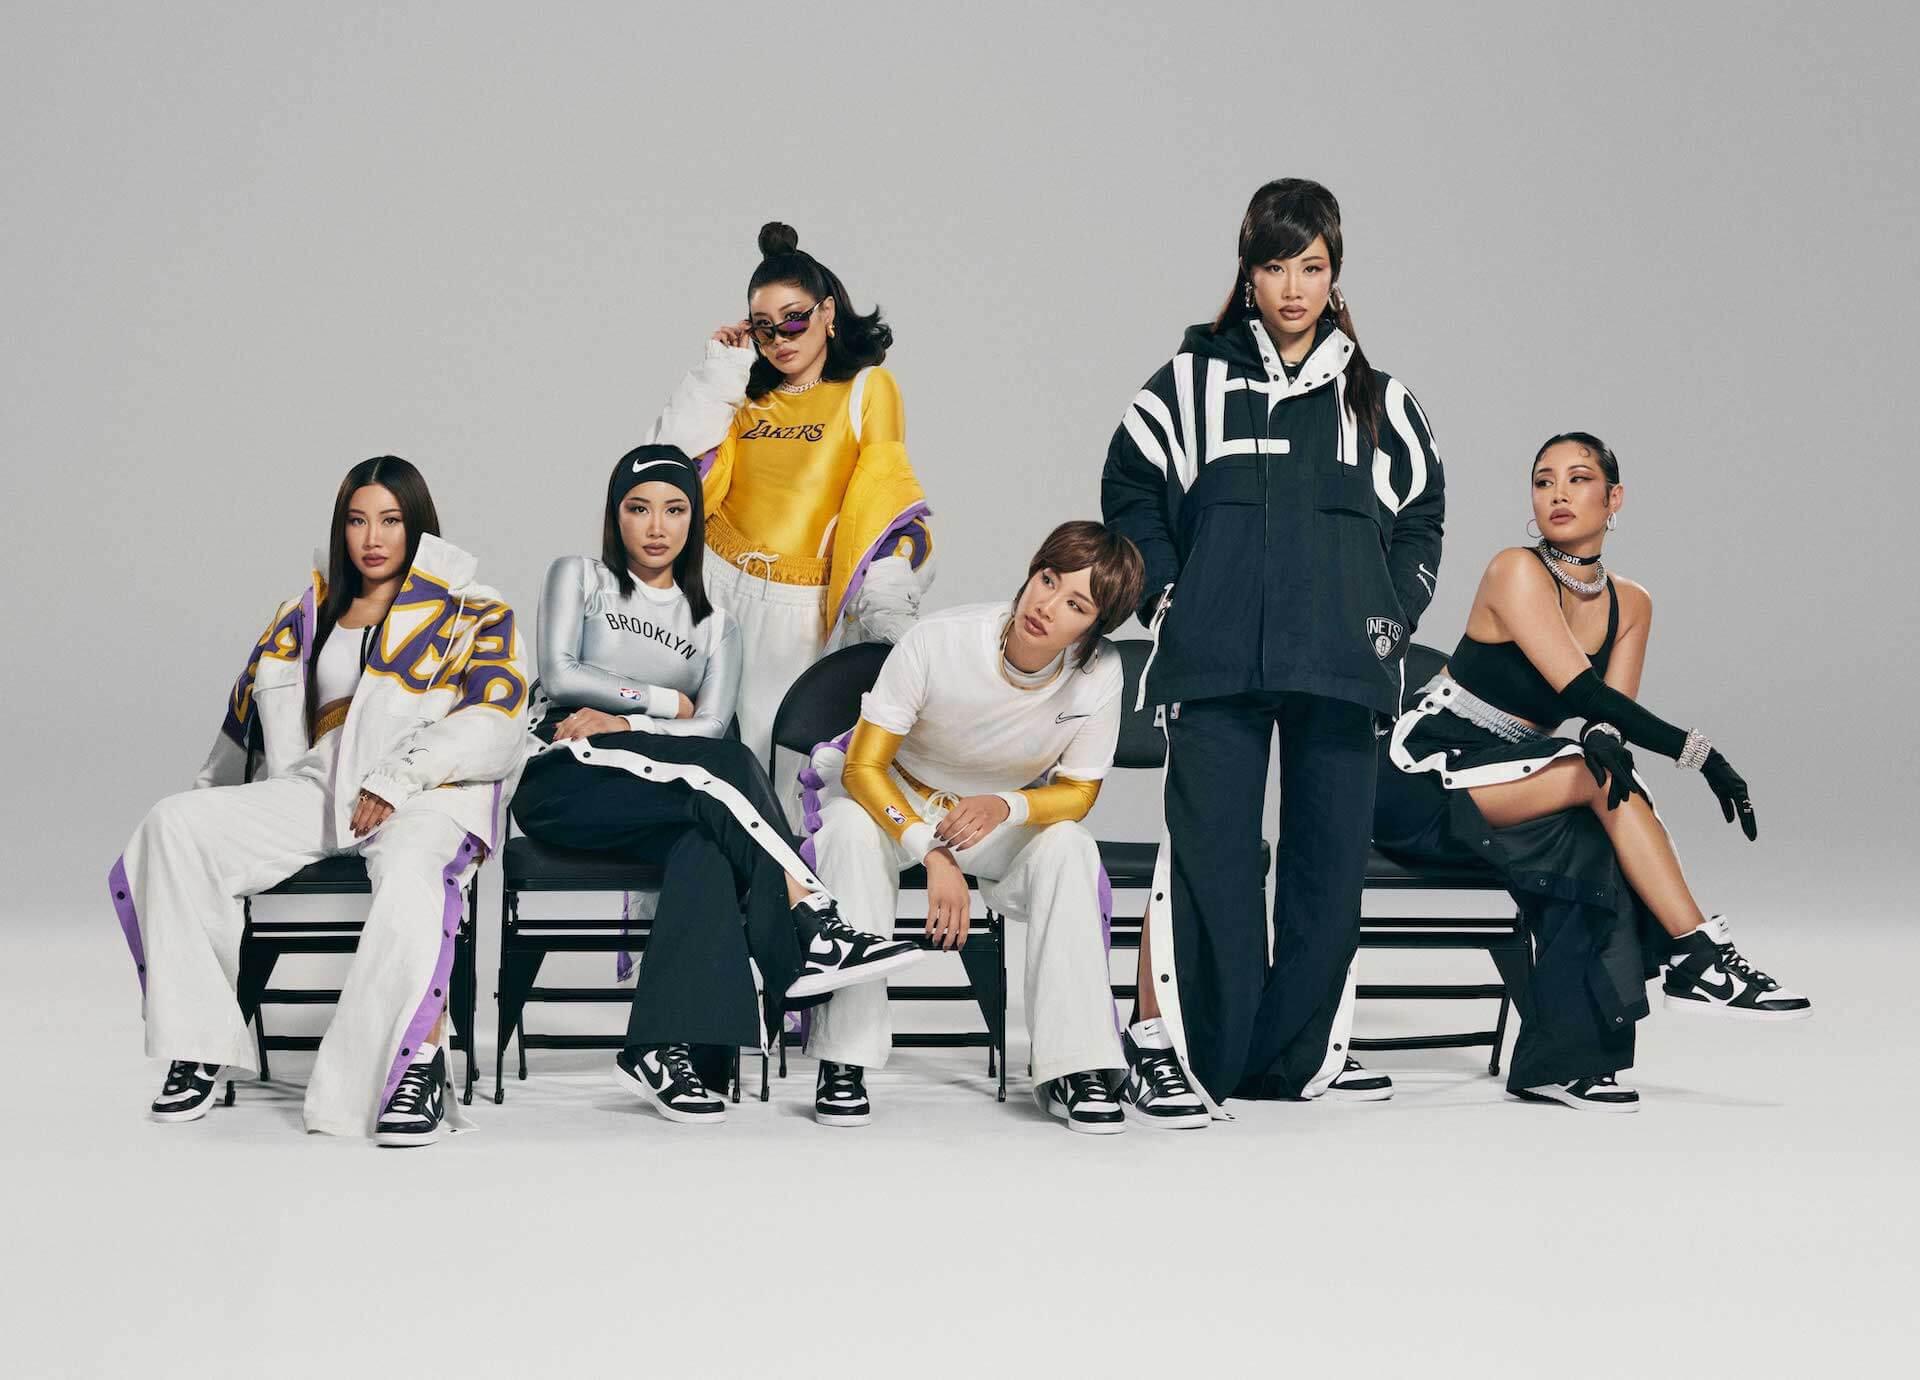 AMBUSH®からNBAとNIKEがYOONと共同でデザインした『NIKE x AMBUSH NBAコレクション』 を発表!NIKE DUNK HIも同時発 fashion2020124_nike_ambushnba_10